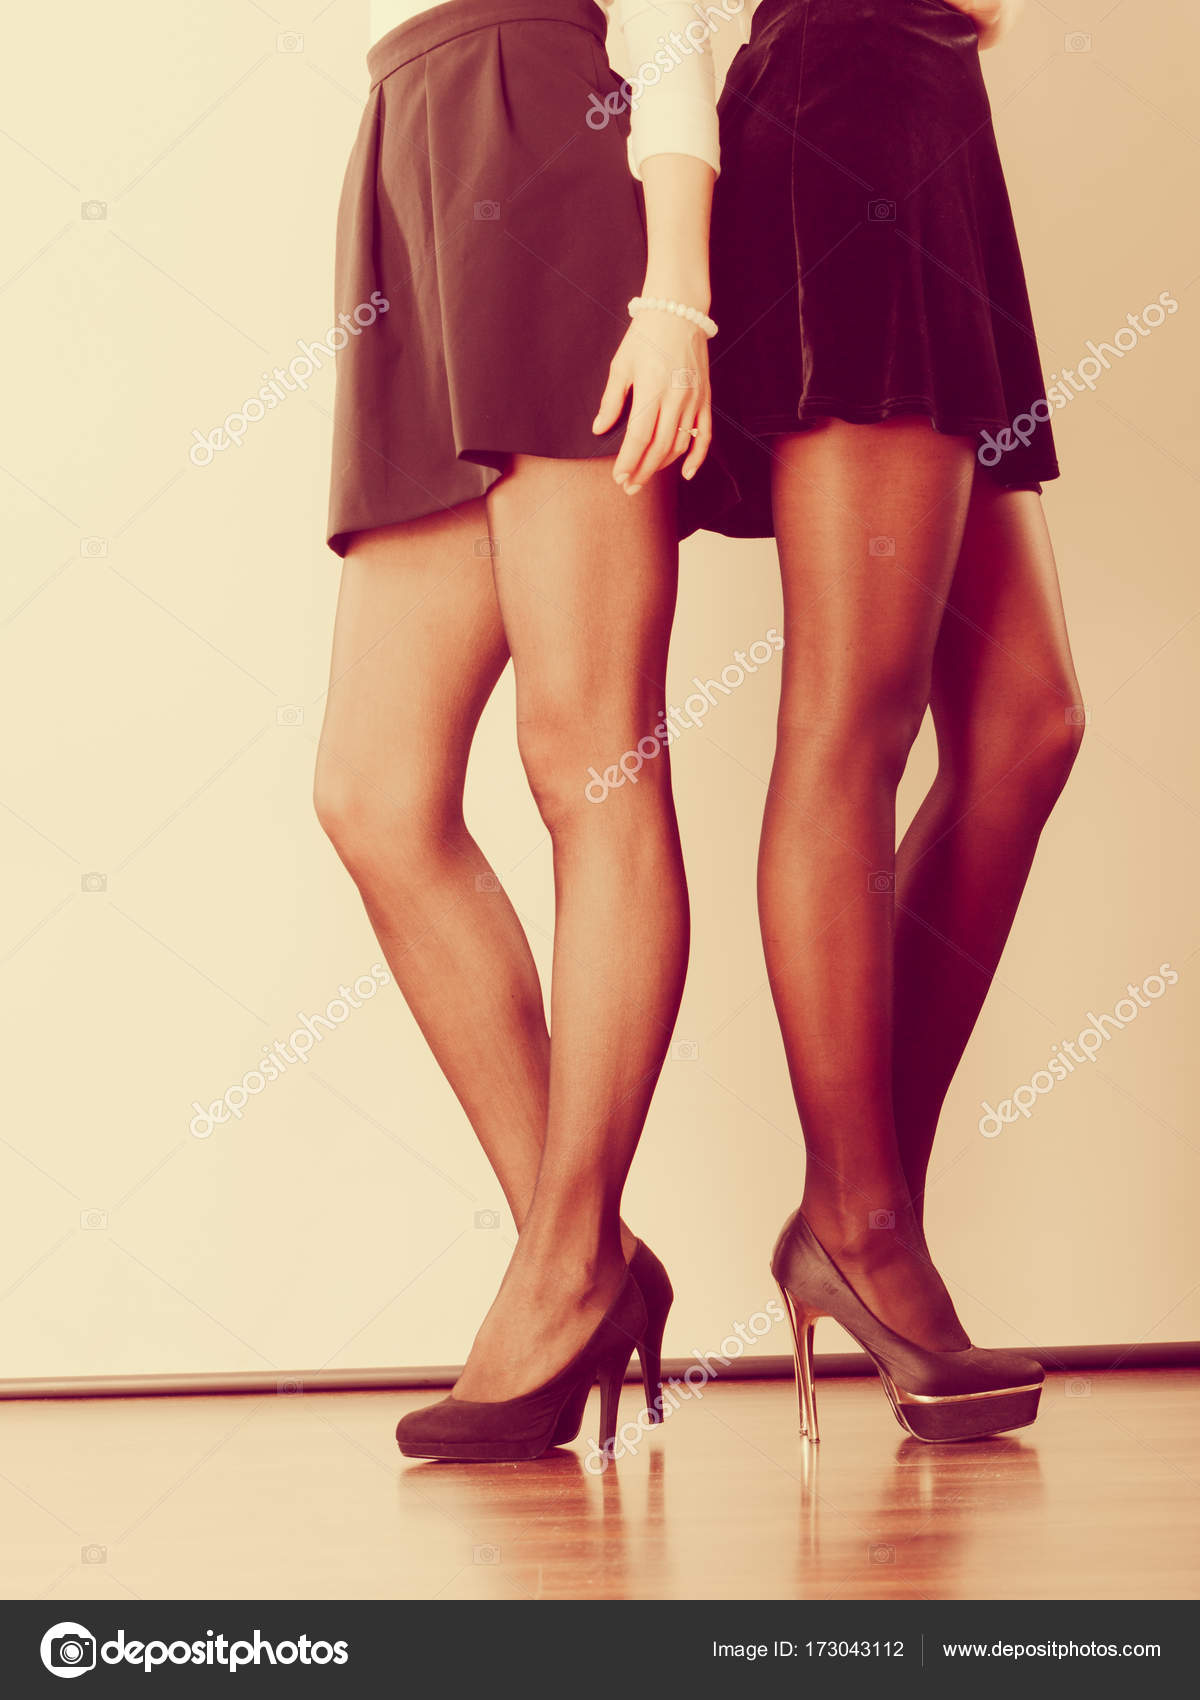 ebf921b4a Két nő lába bemutatja a magas sarkú cipő — Stock Fotó © Voyagerix ...